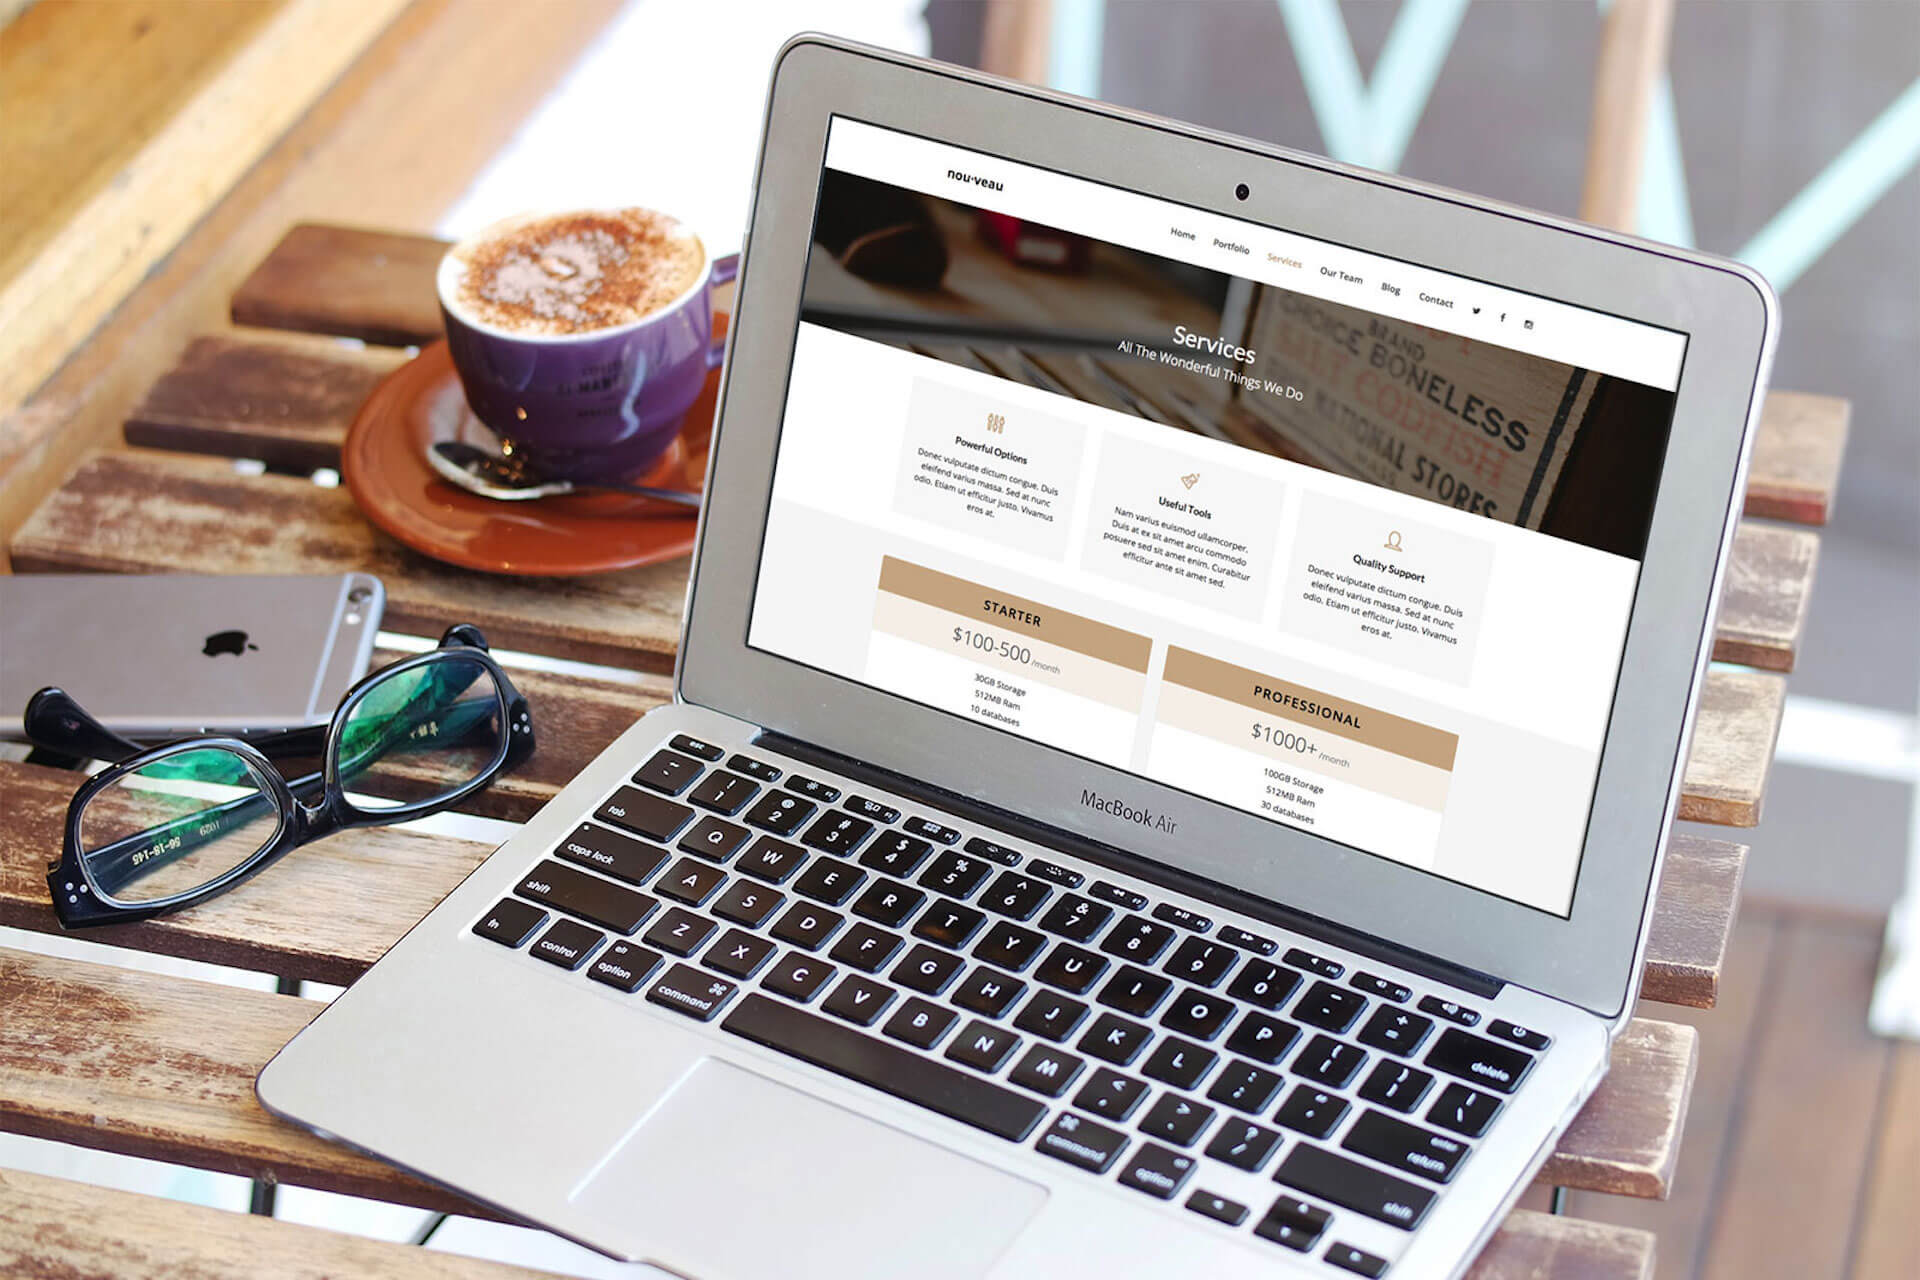 新加坡金管局正式开放数字银行牌照申请,数字银行申请资质、评估标准、数字银行资质案例分析